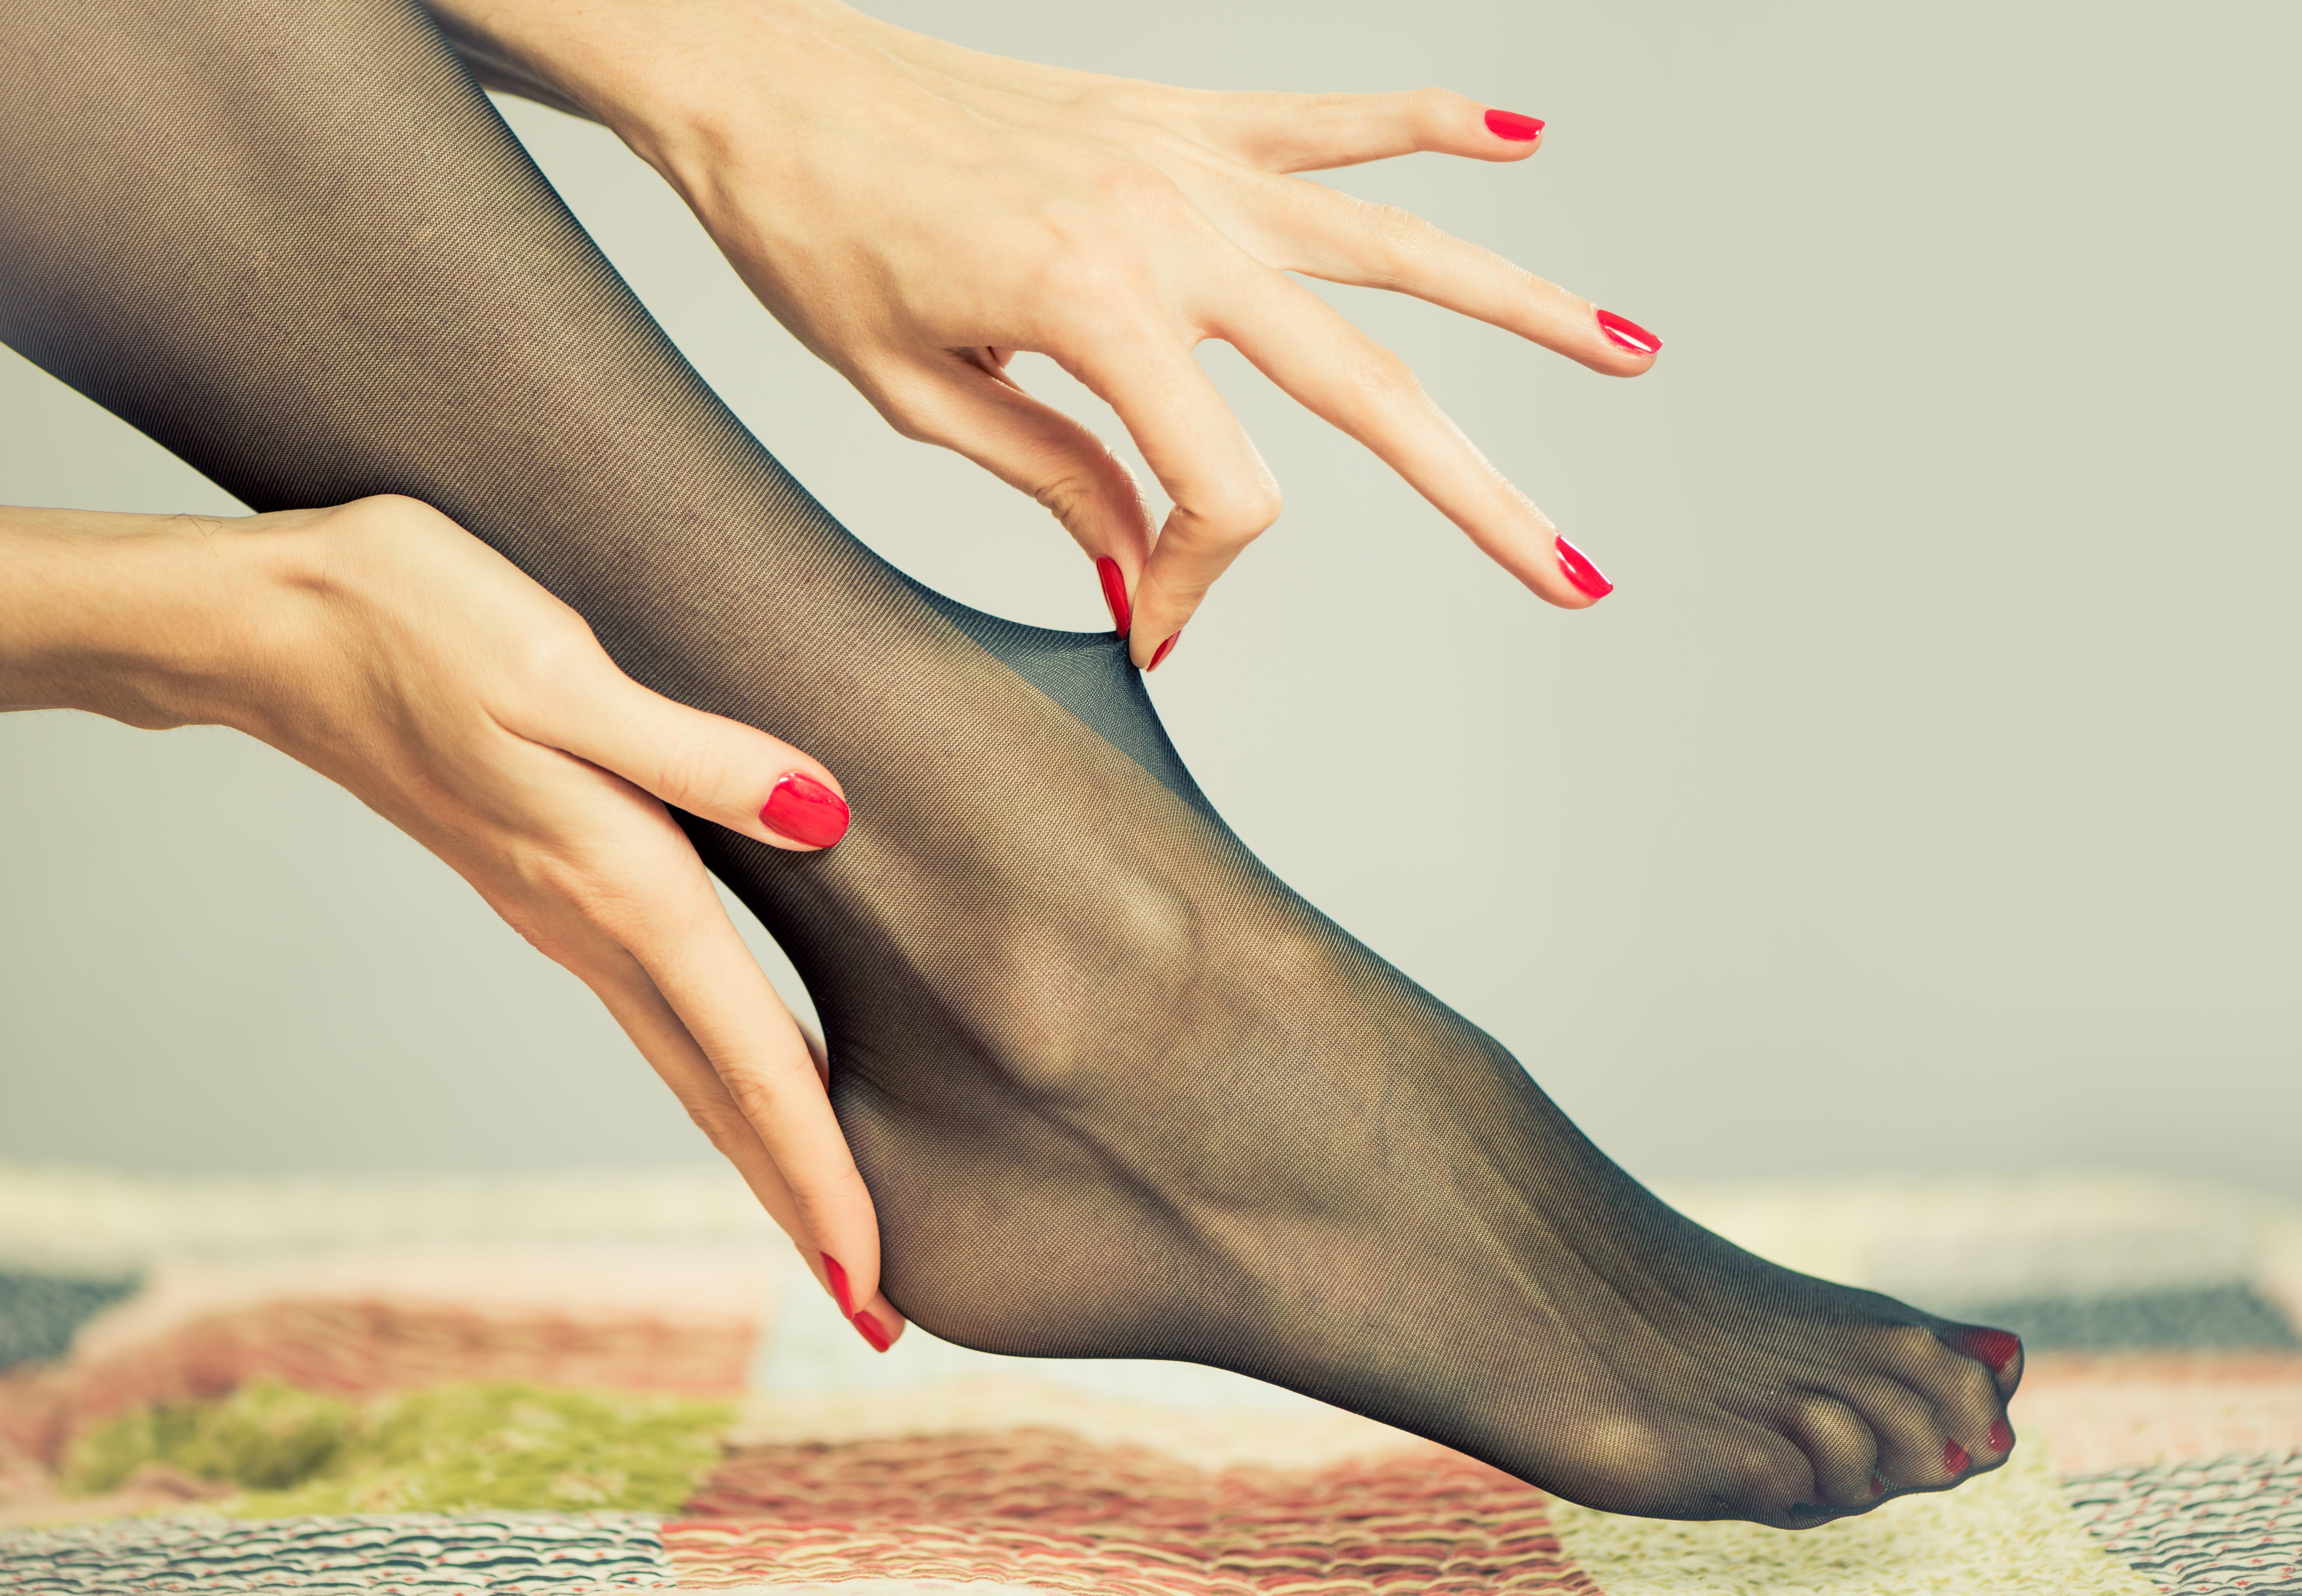 Strumpfhosen wiederverwenden – 8 Tipps